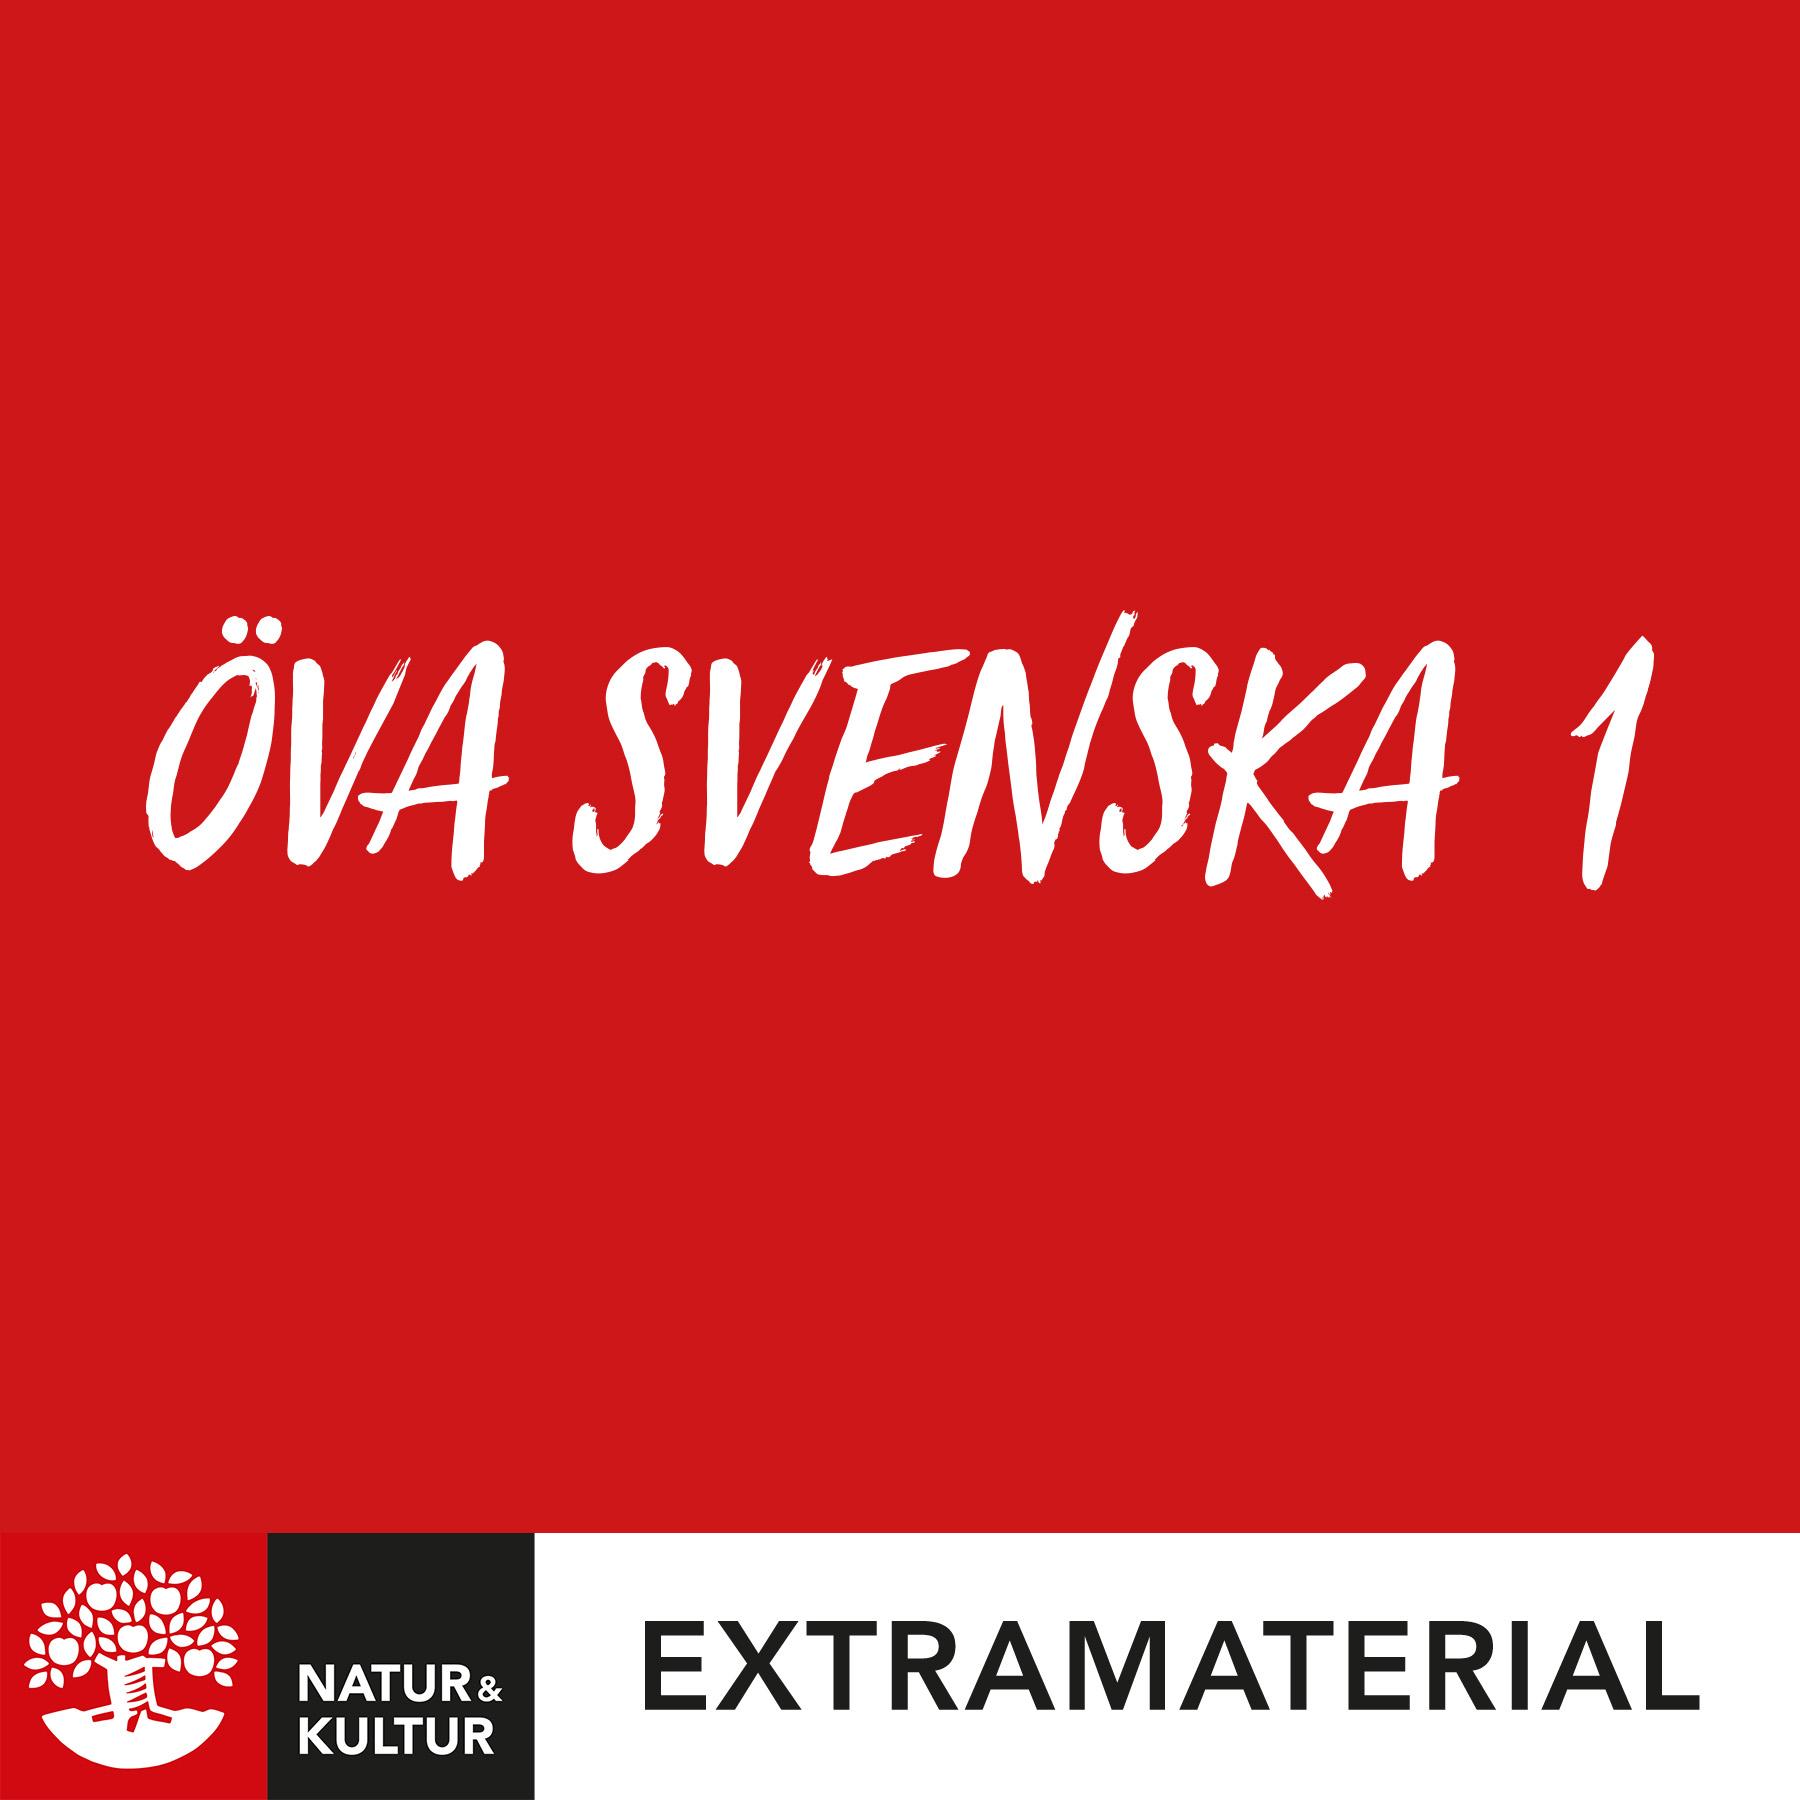 Öva svenska 1